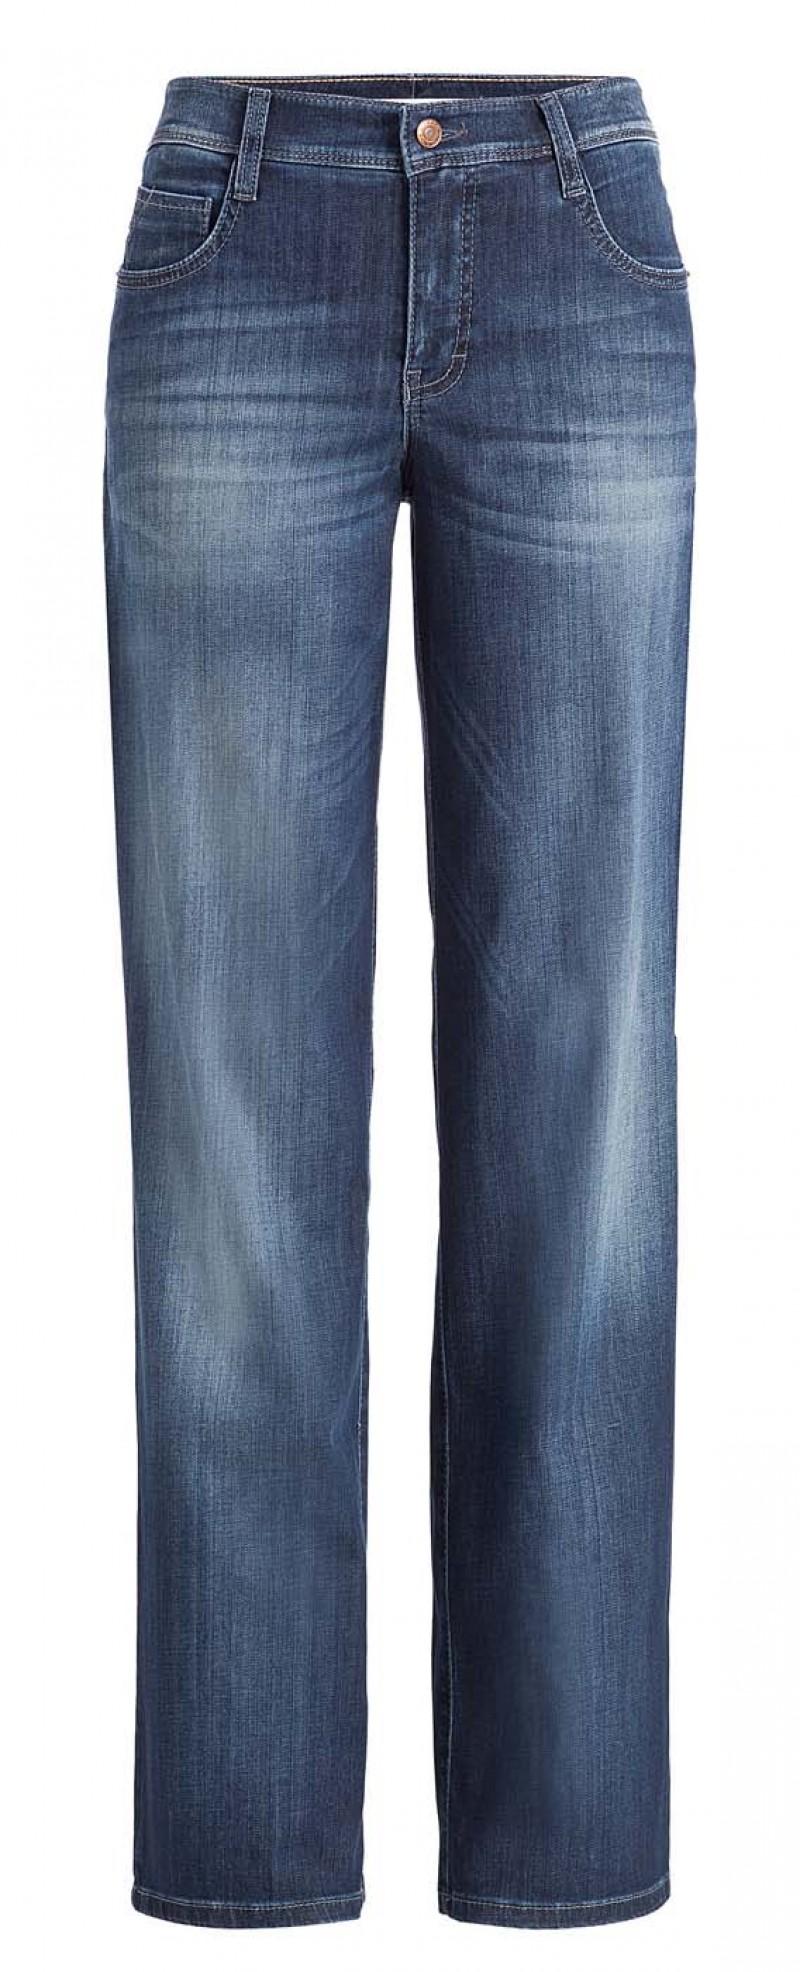 mac gracia jeans light denim vintage dark wash jeans. Black Bedroom Furniture Sets. Home Design Ideas